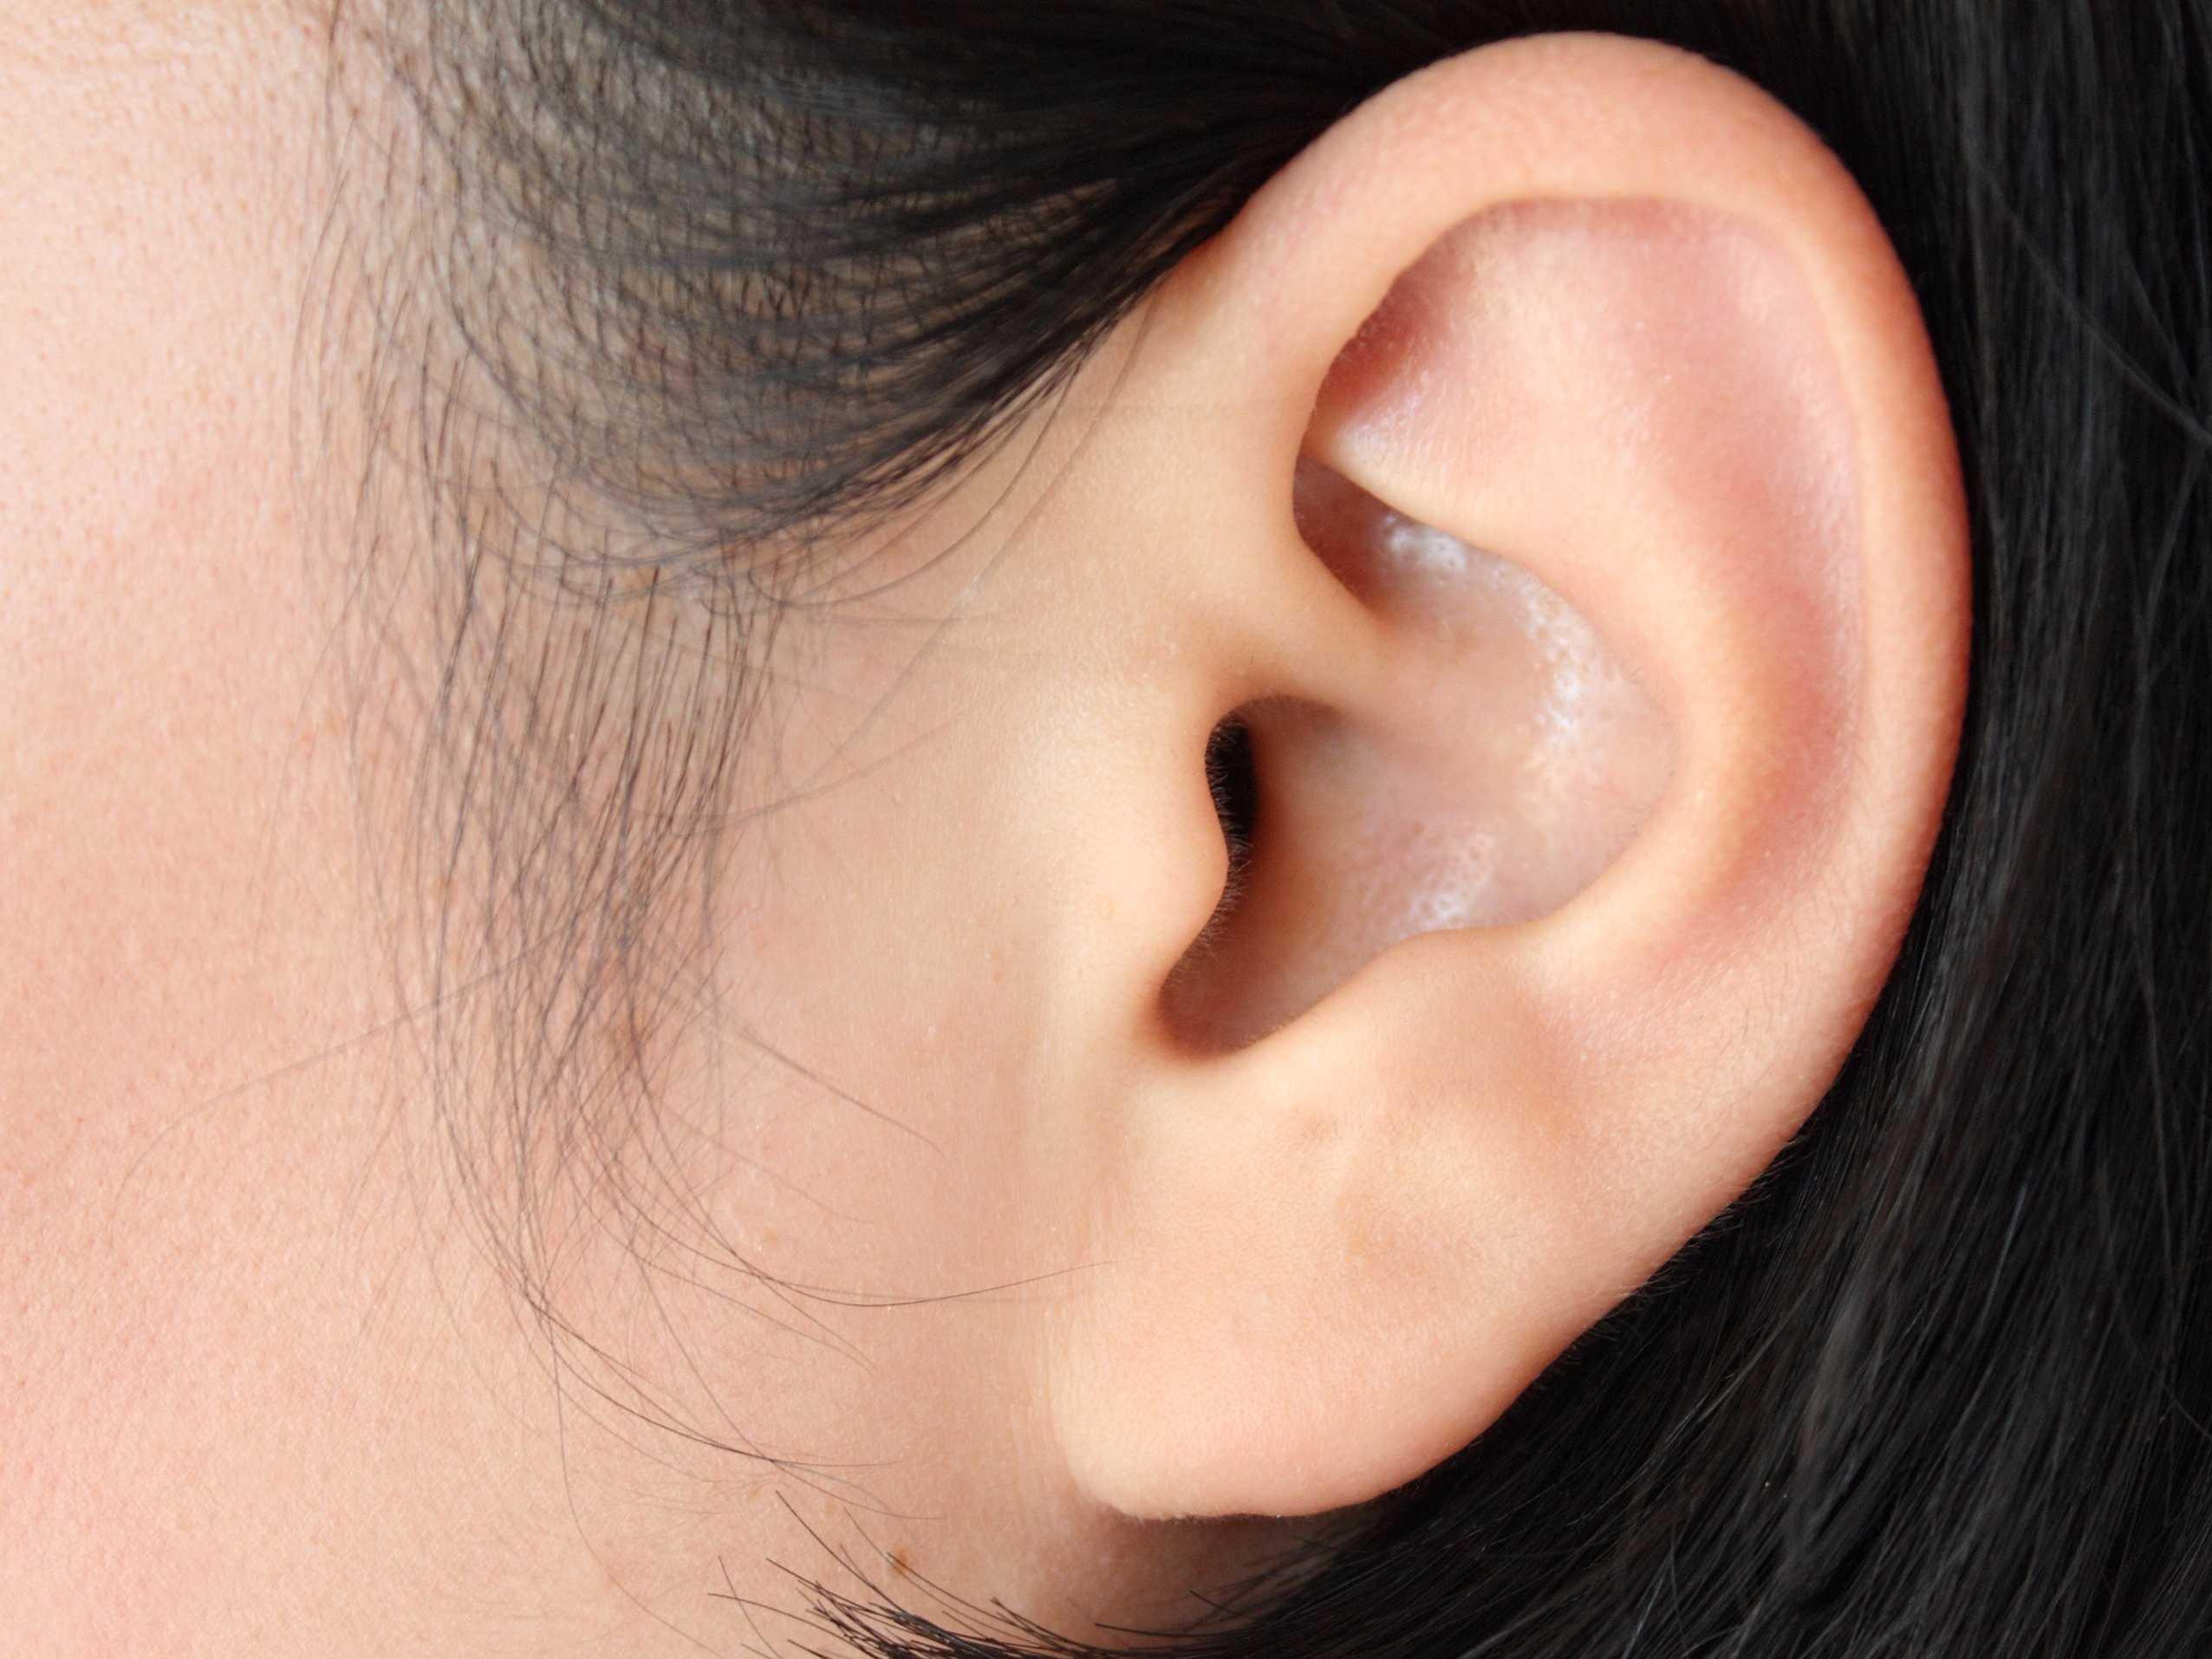 Ученые поведали о воздействии формы ушей наслух человека